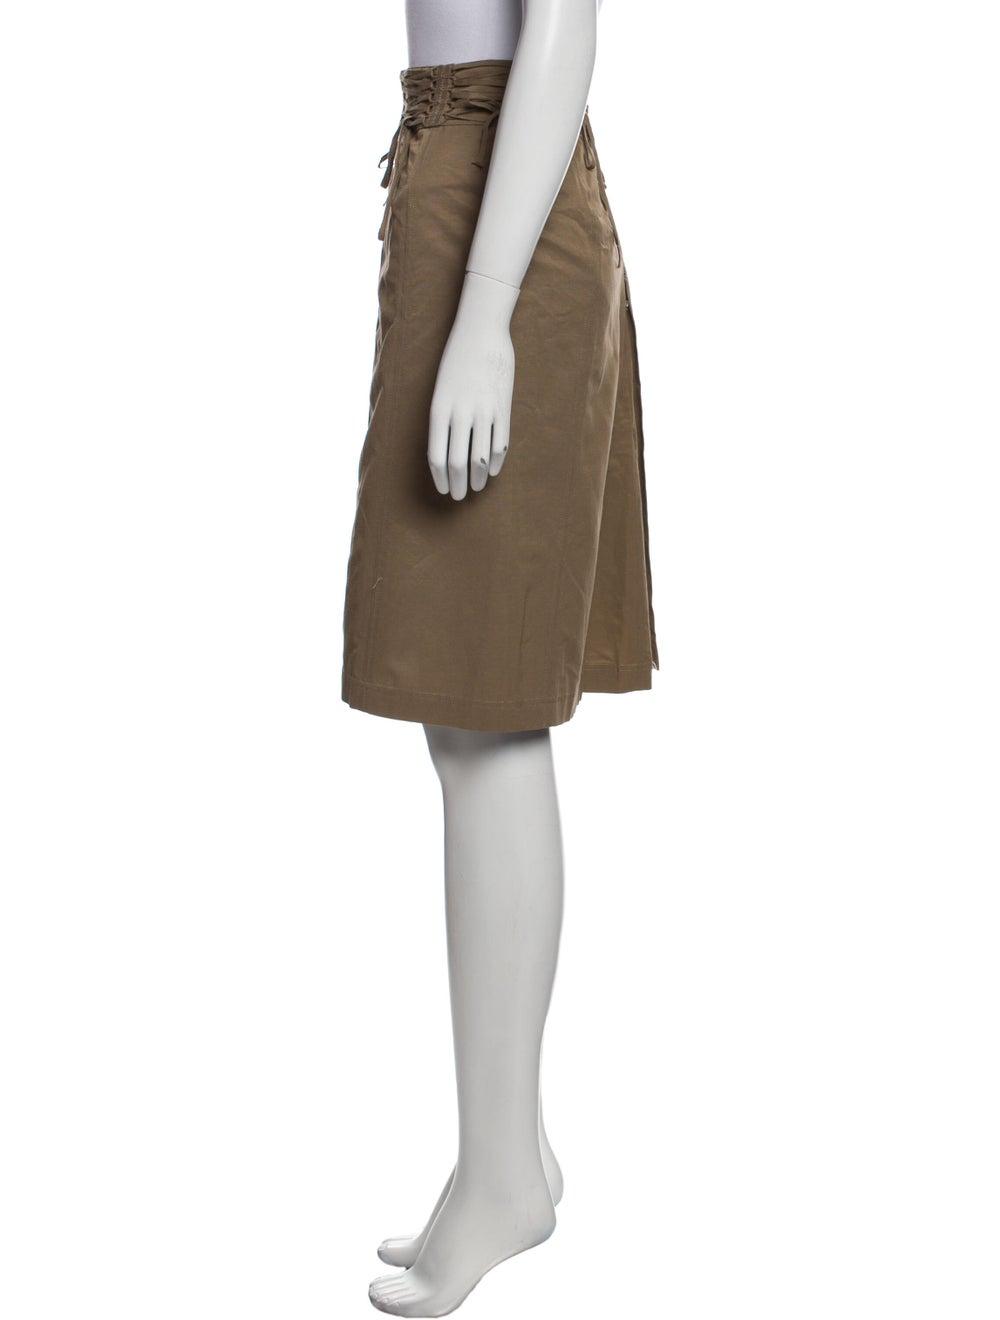 Plein Sud Knee-Length Skirt - image 2